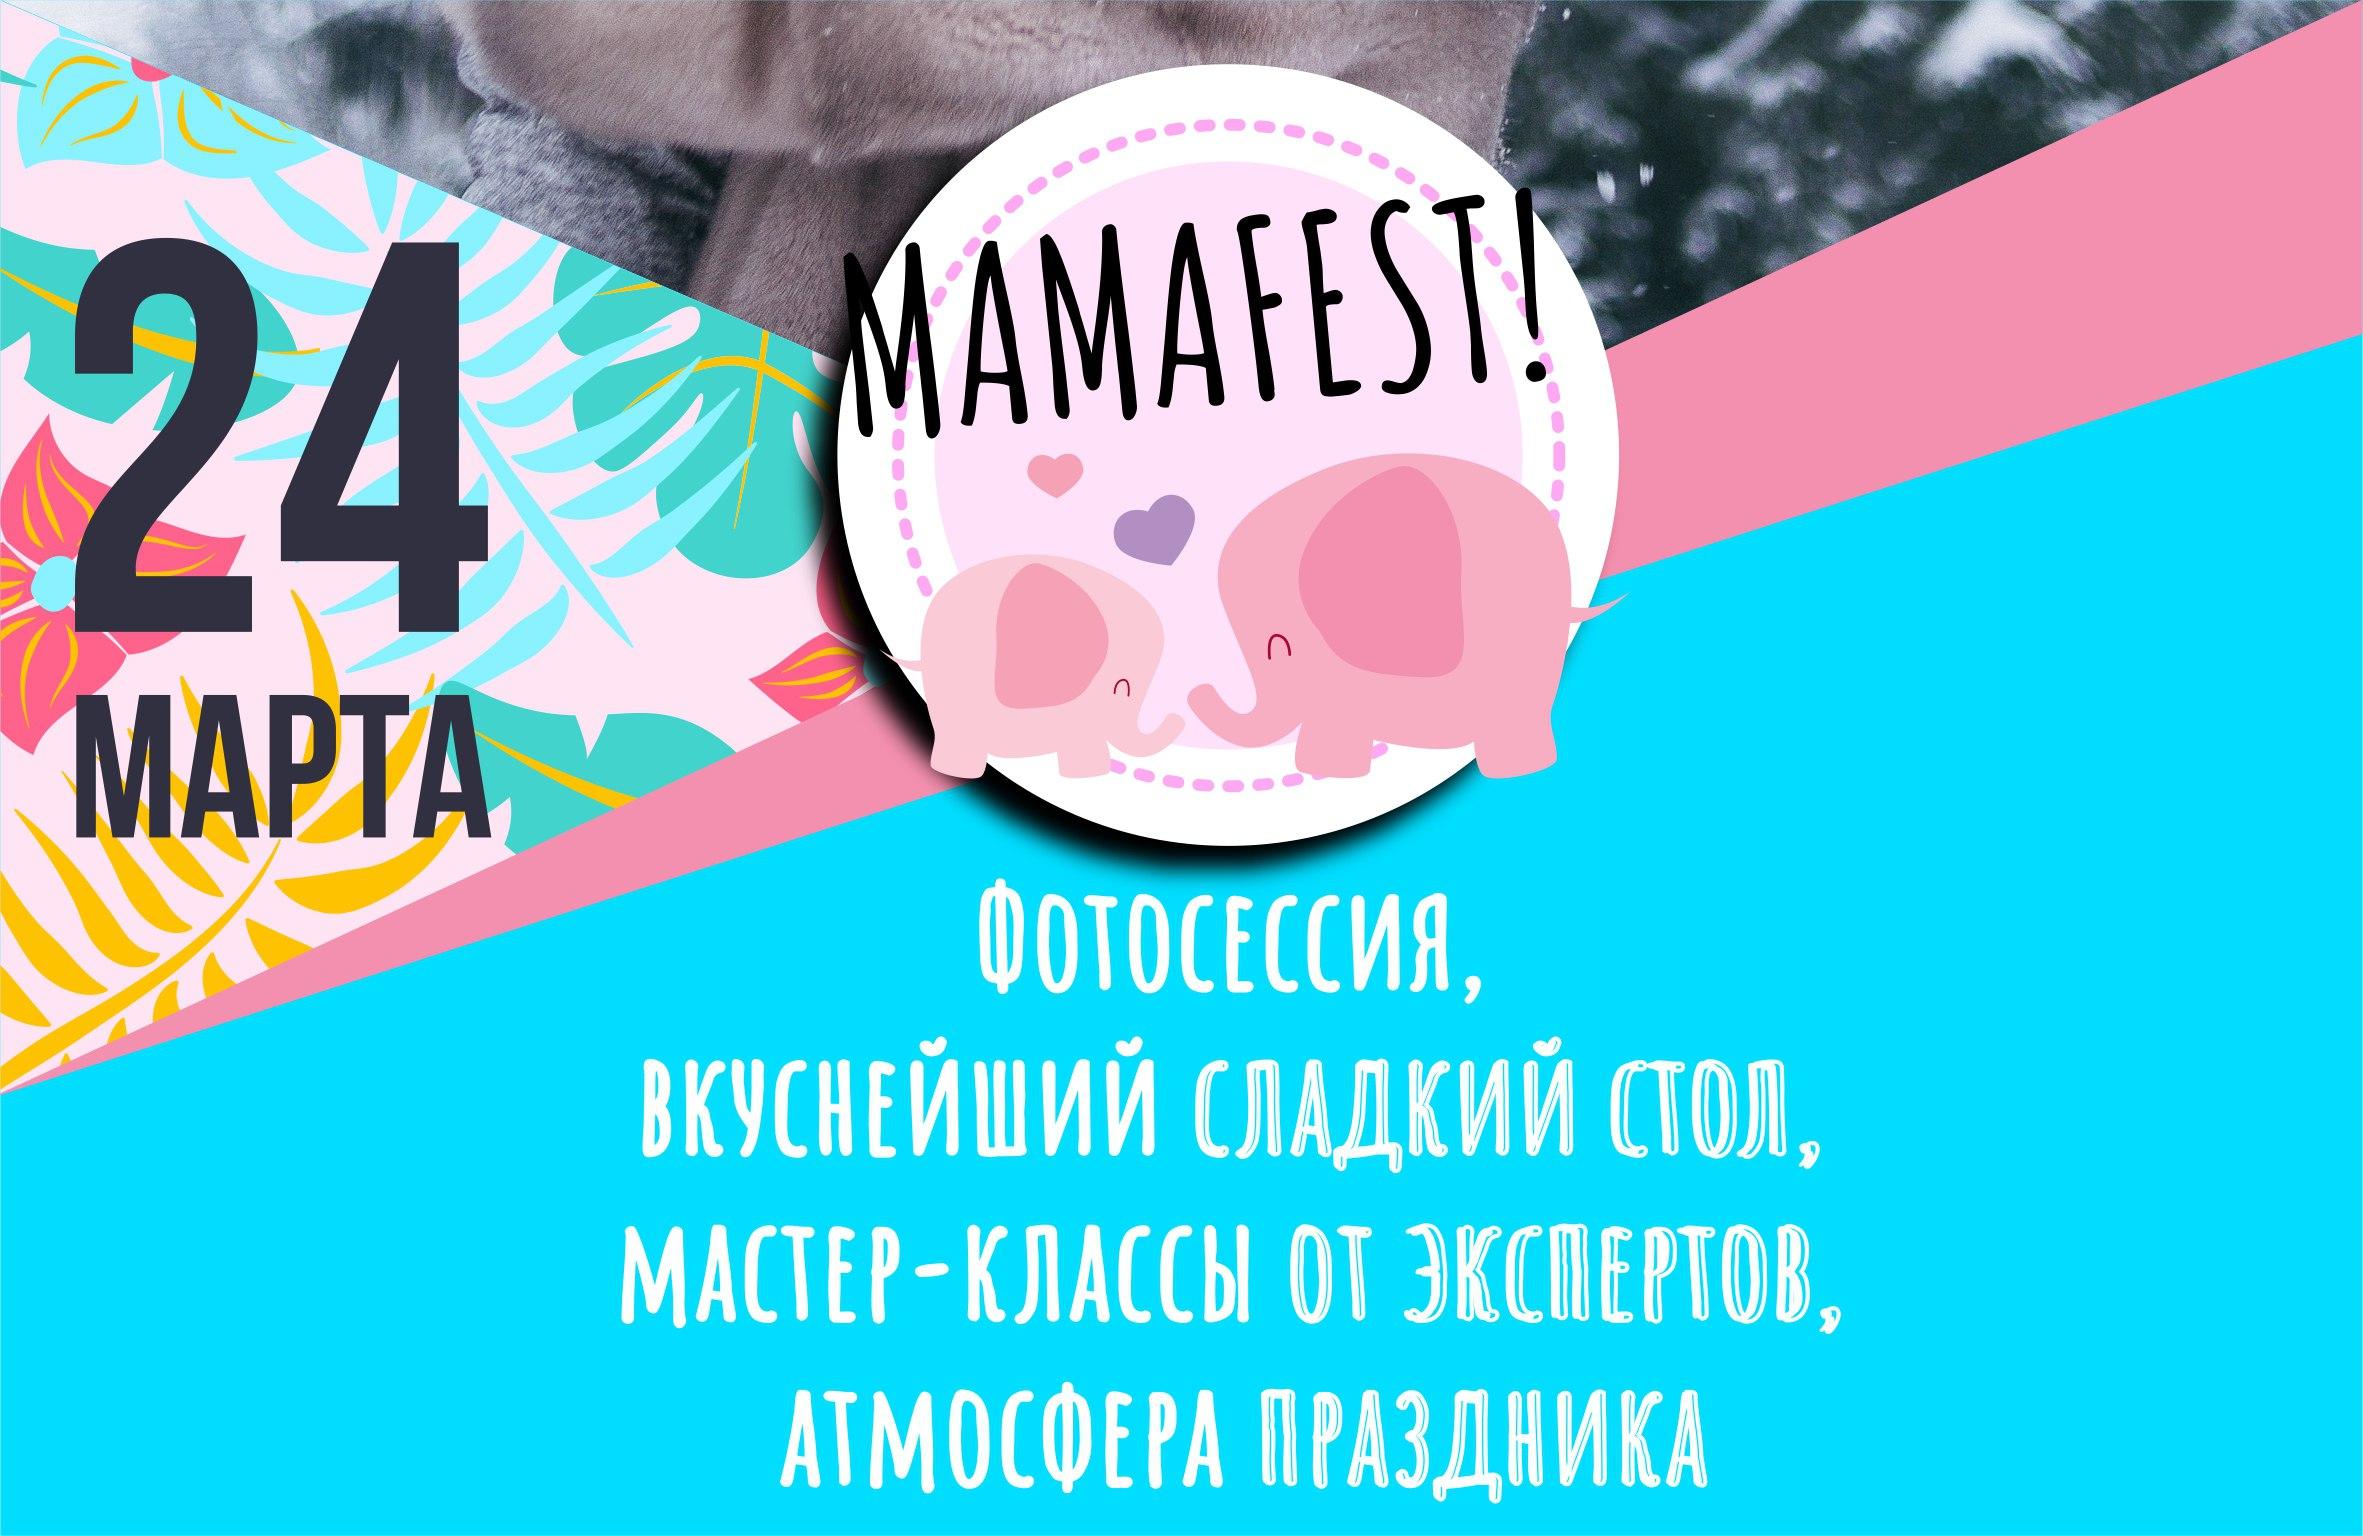 Купить билеты на MamaFest